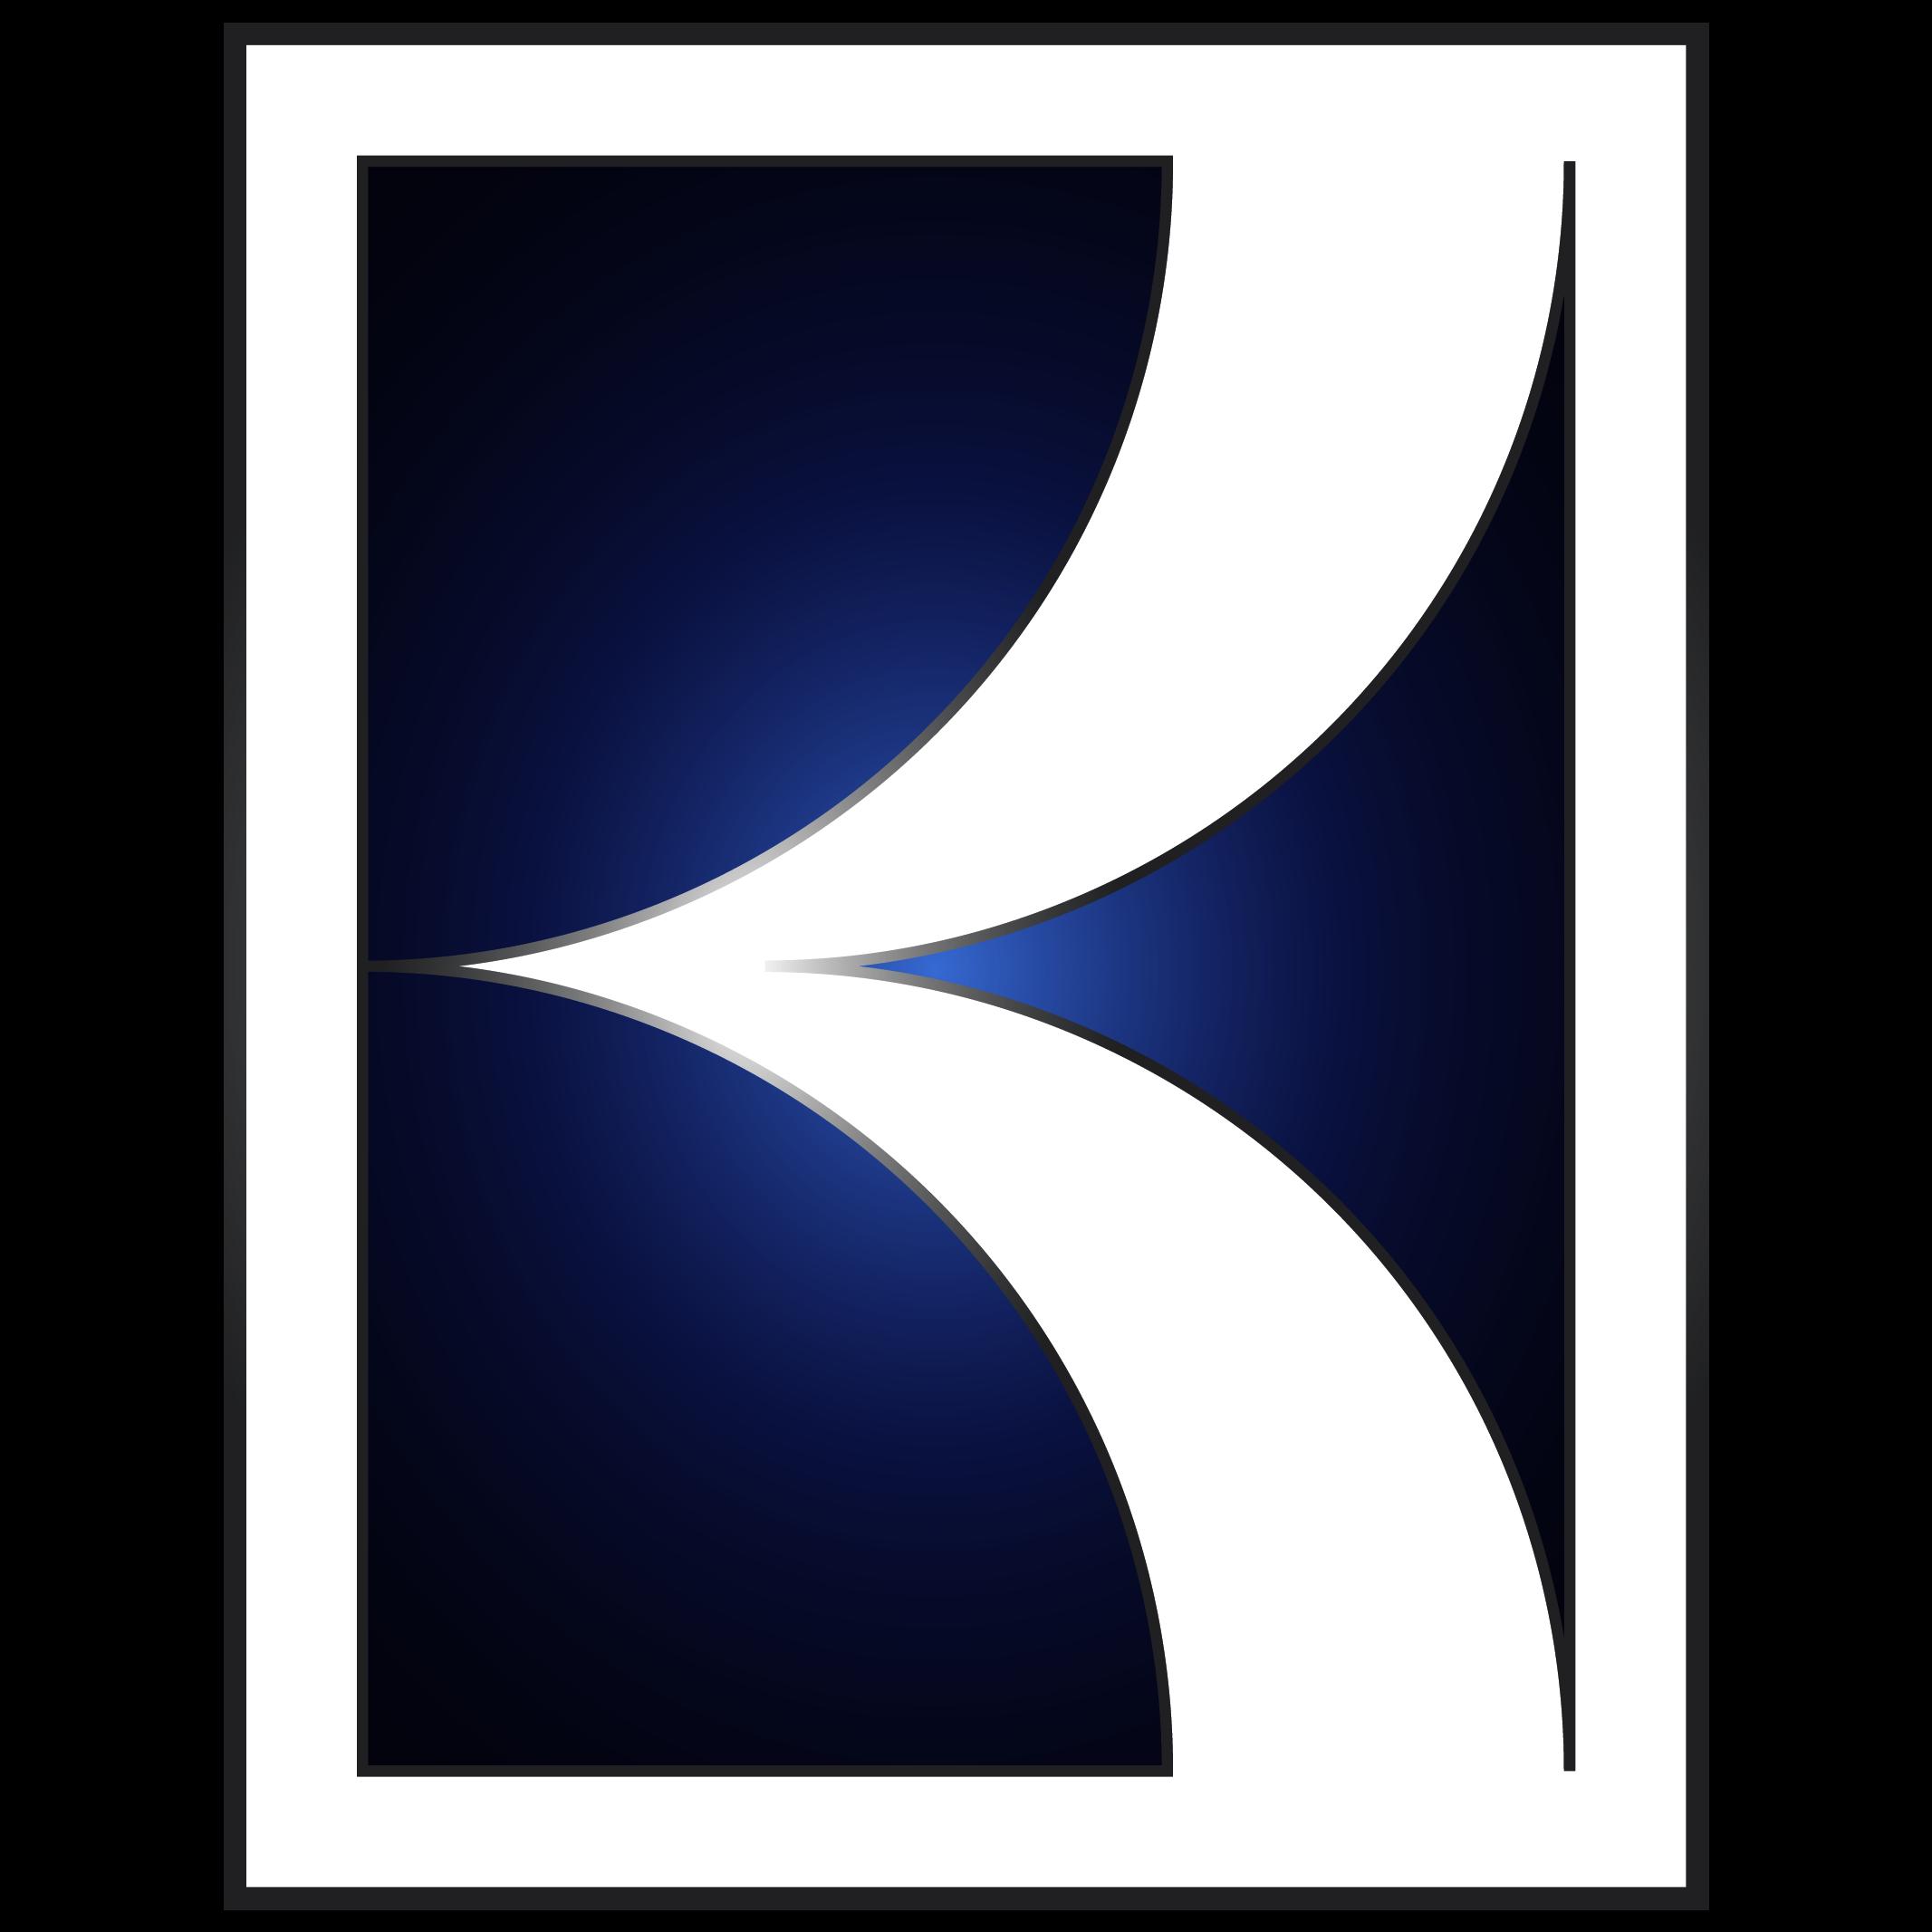 KB Rachunkowość